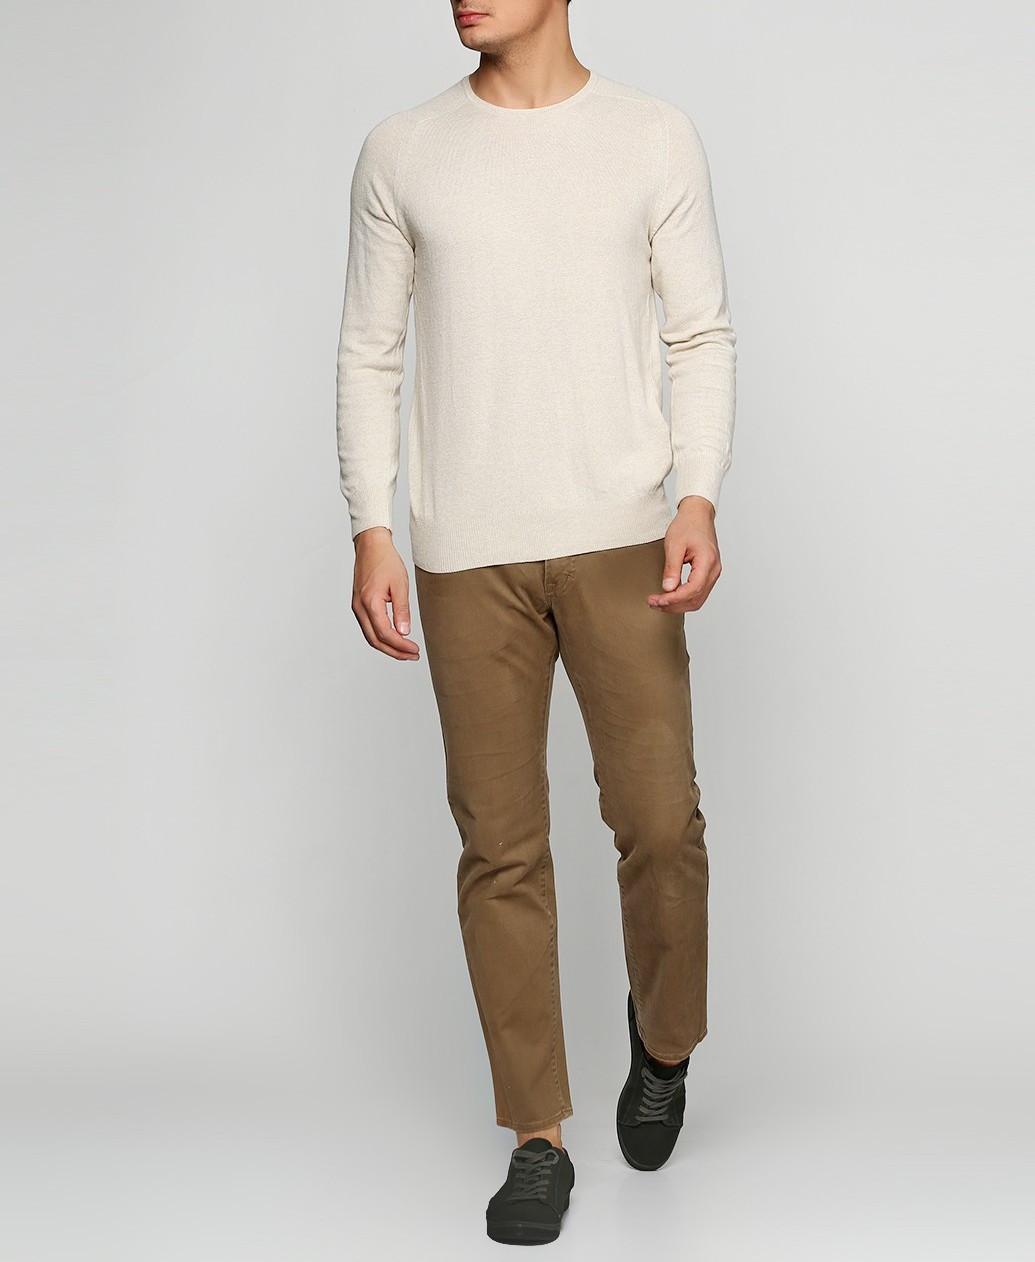 Мужские джинсы Westbury 40/34 Светло-коричневый (2900055203013), фото 1